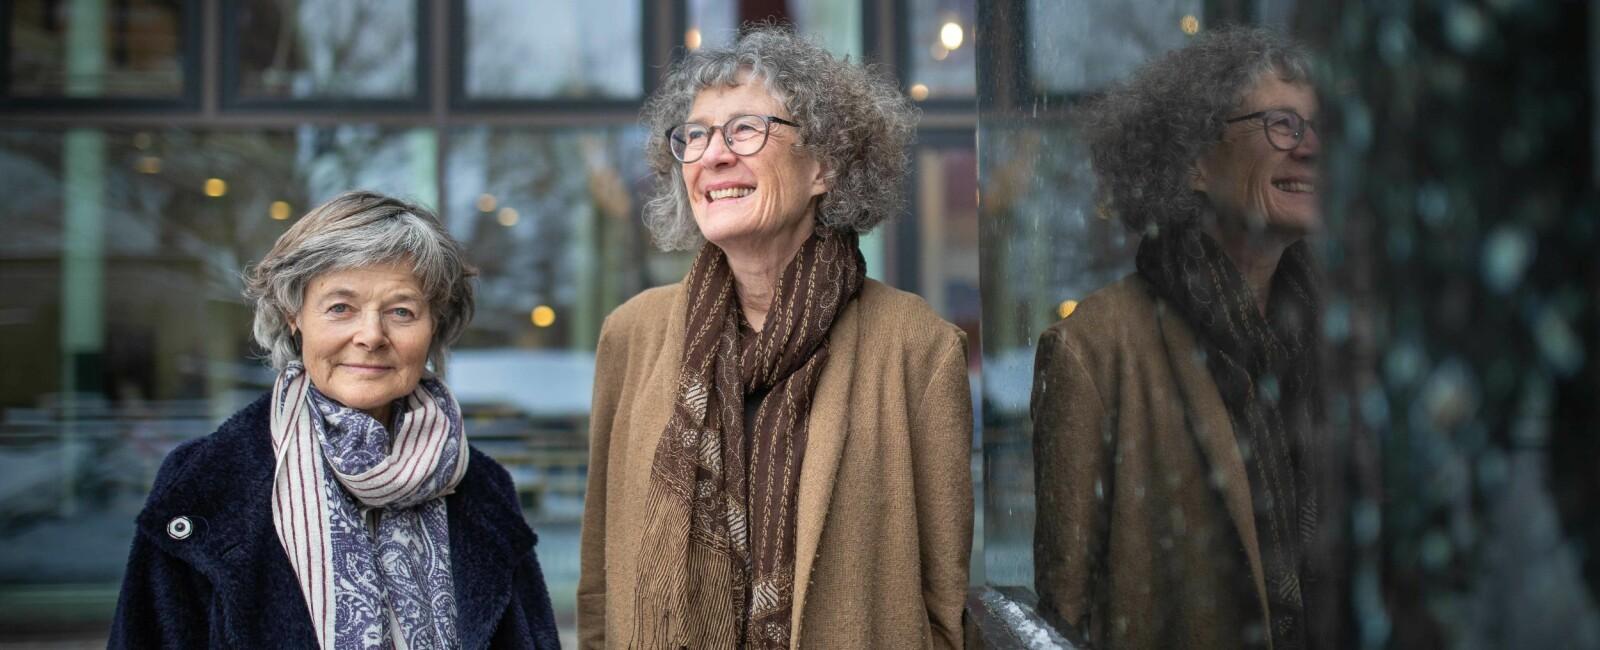 Anne-Brit Kolstø (t.v.) og Ragni Piene ble professorer i 1987 .— På noen måter hadde vi det kanskje lettere enn unge kvinner i dag, sier Piene. Foto: Siri Øverland Eriksen